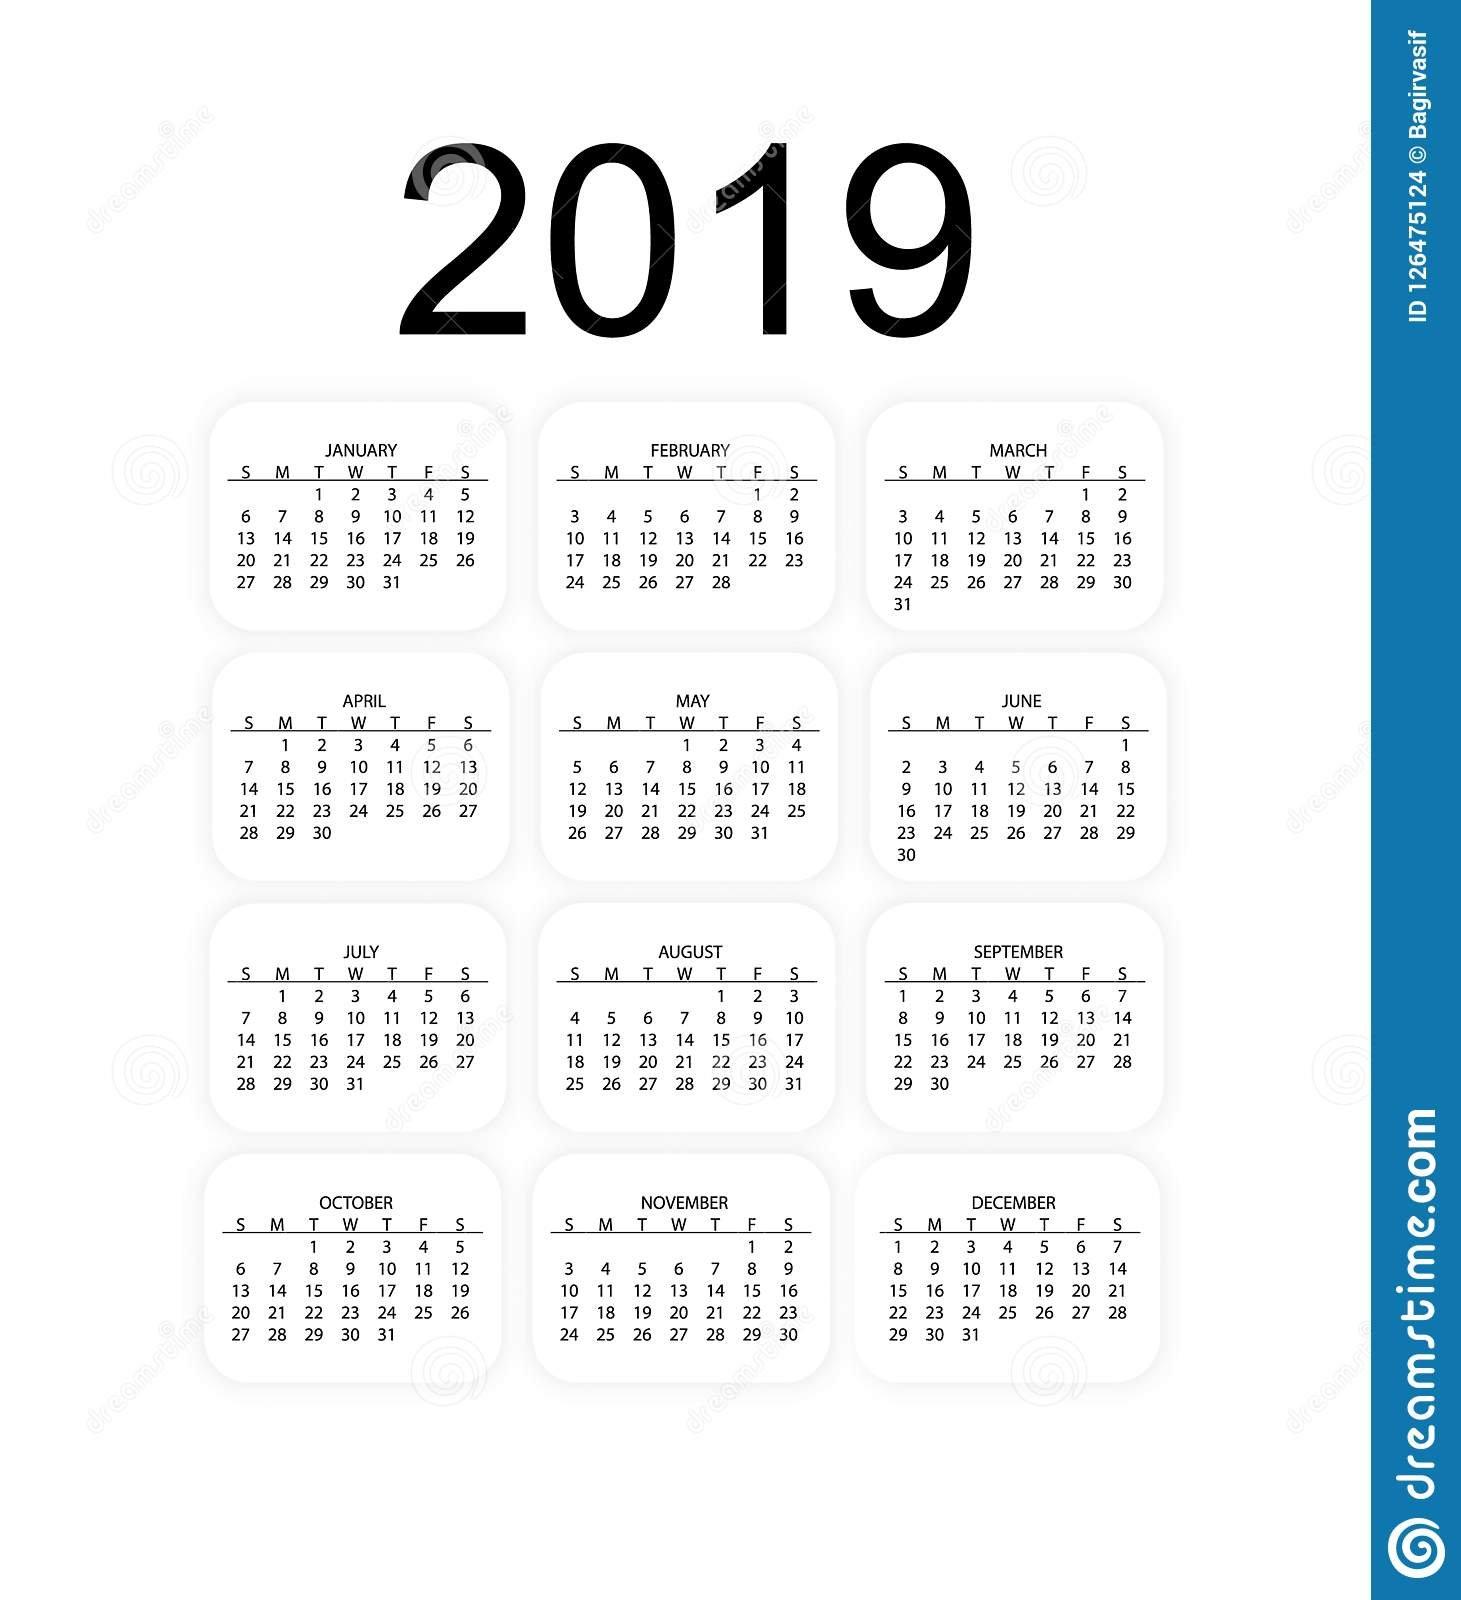 Calendar 2019, Week Starts From Sunday, 2019 Calendar Vector Calendar 2019 For Business